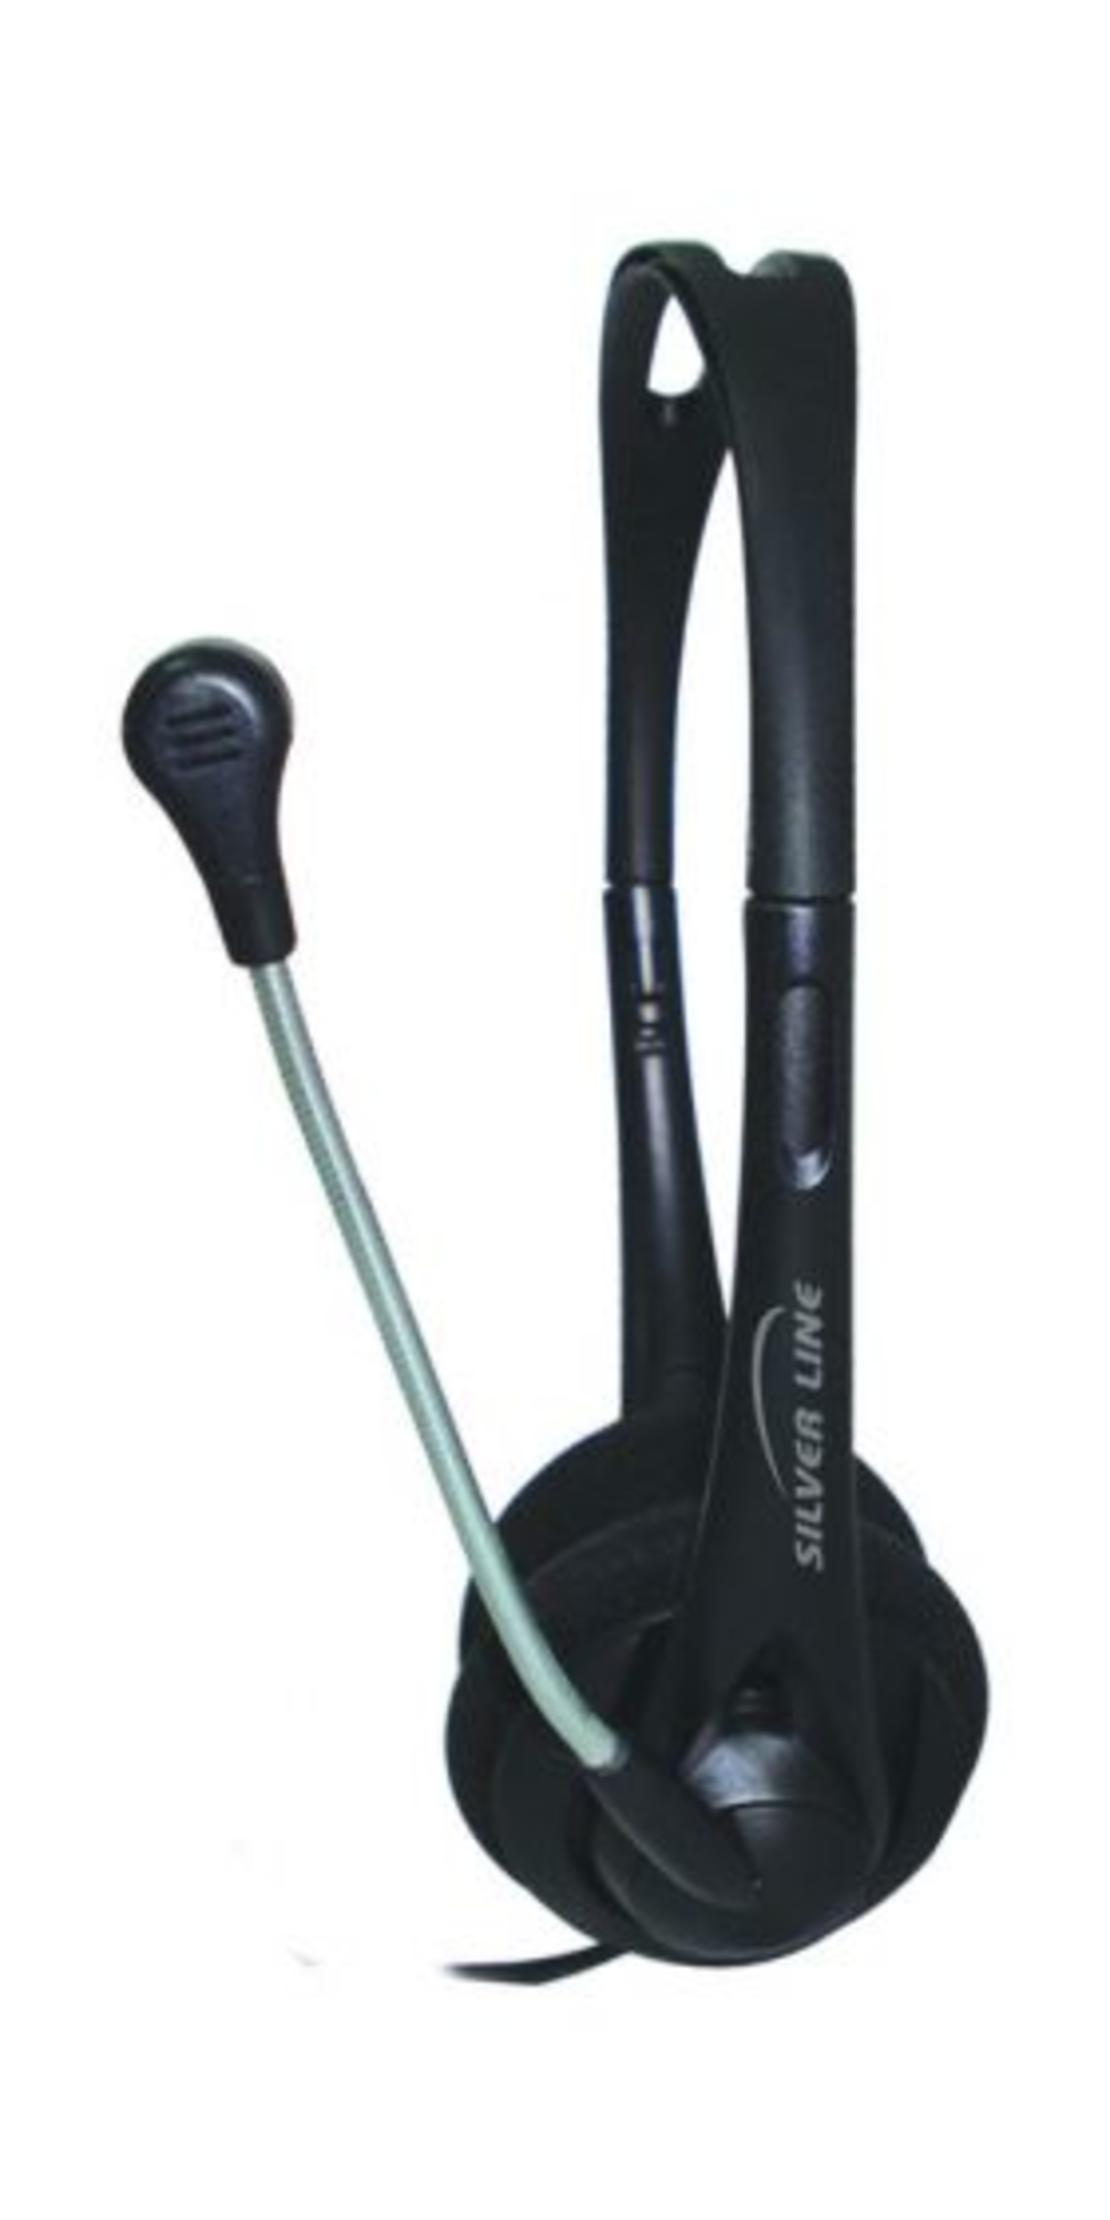 אוזניות+ מיקרופון עם ווליום לשליטת העוצמה HS-11V בצבע שחורSilver Line